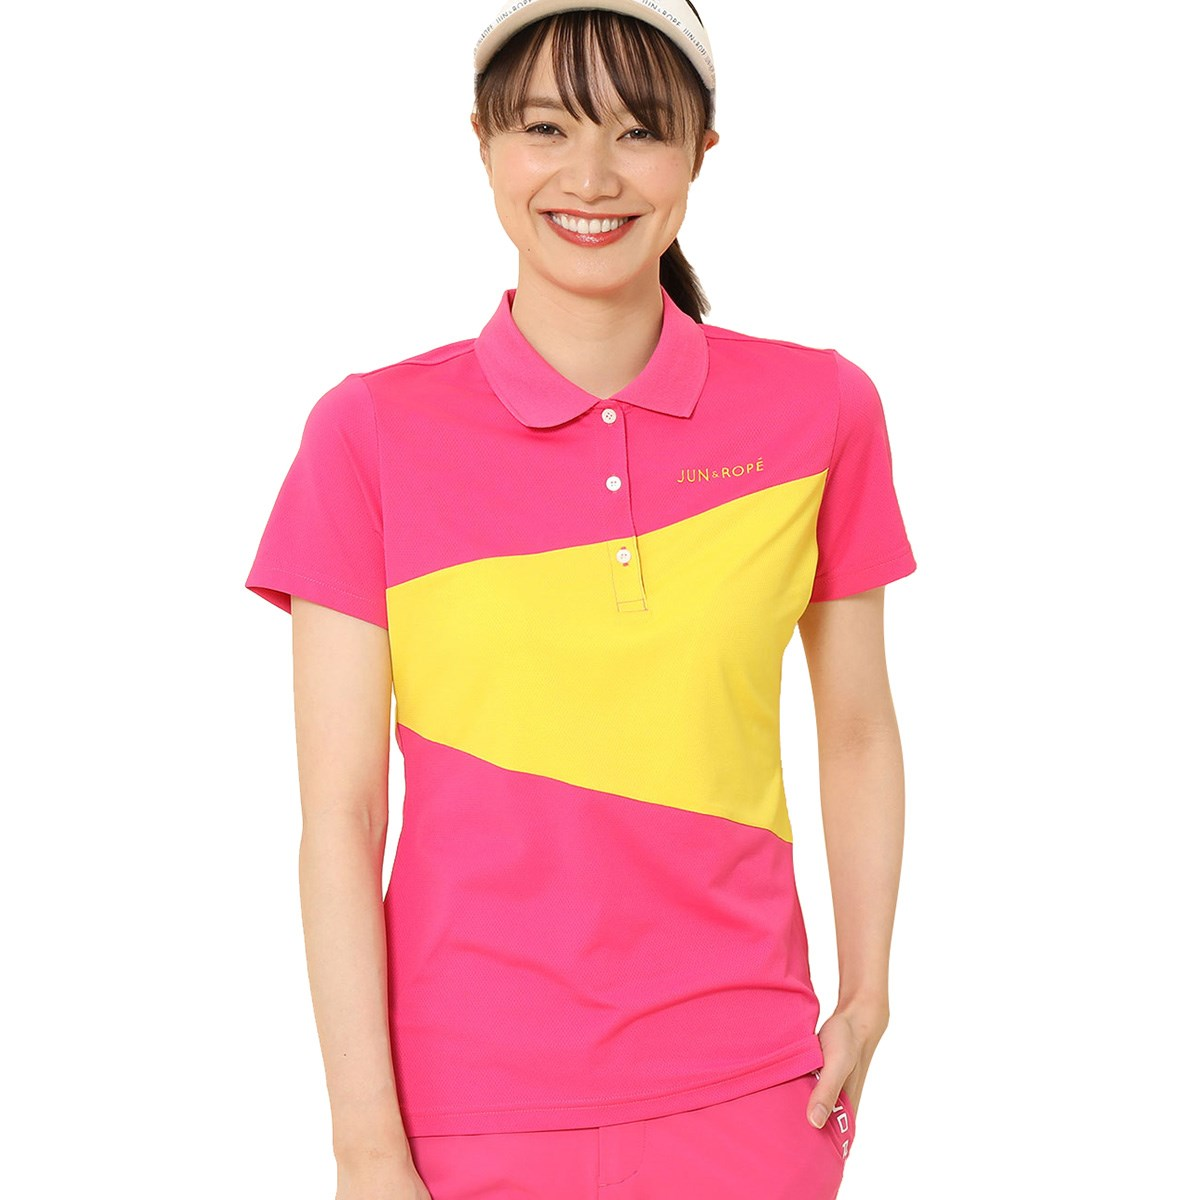 ジュン アンド ロペ JUN & ROPE カラーブロック 半袖ポロシャツ S ピンク 63 レディス